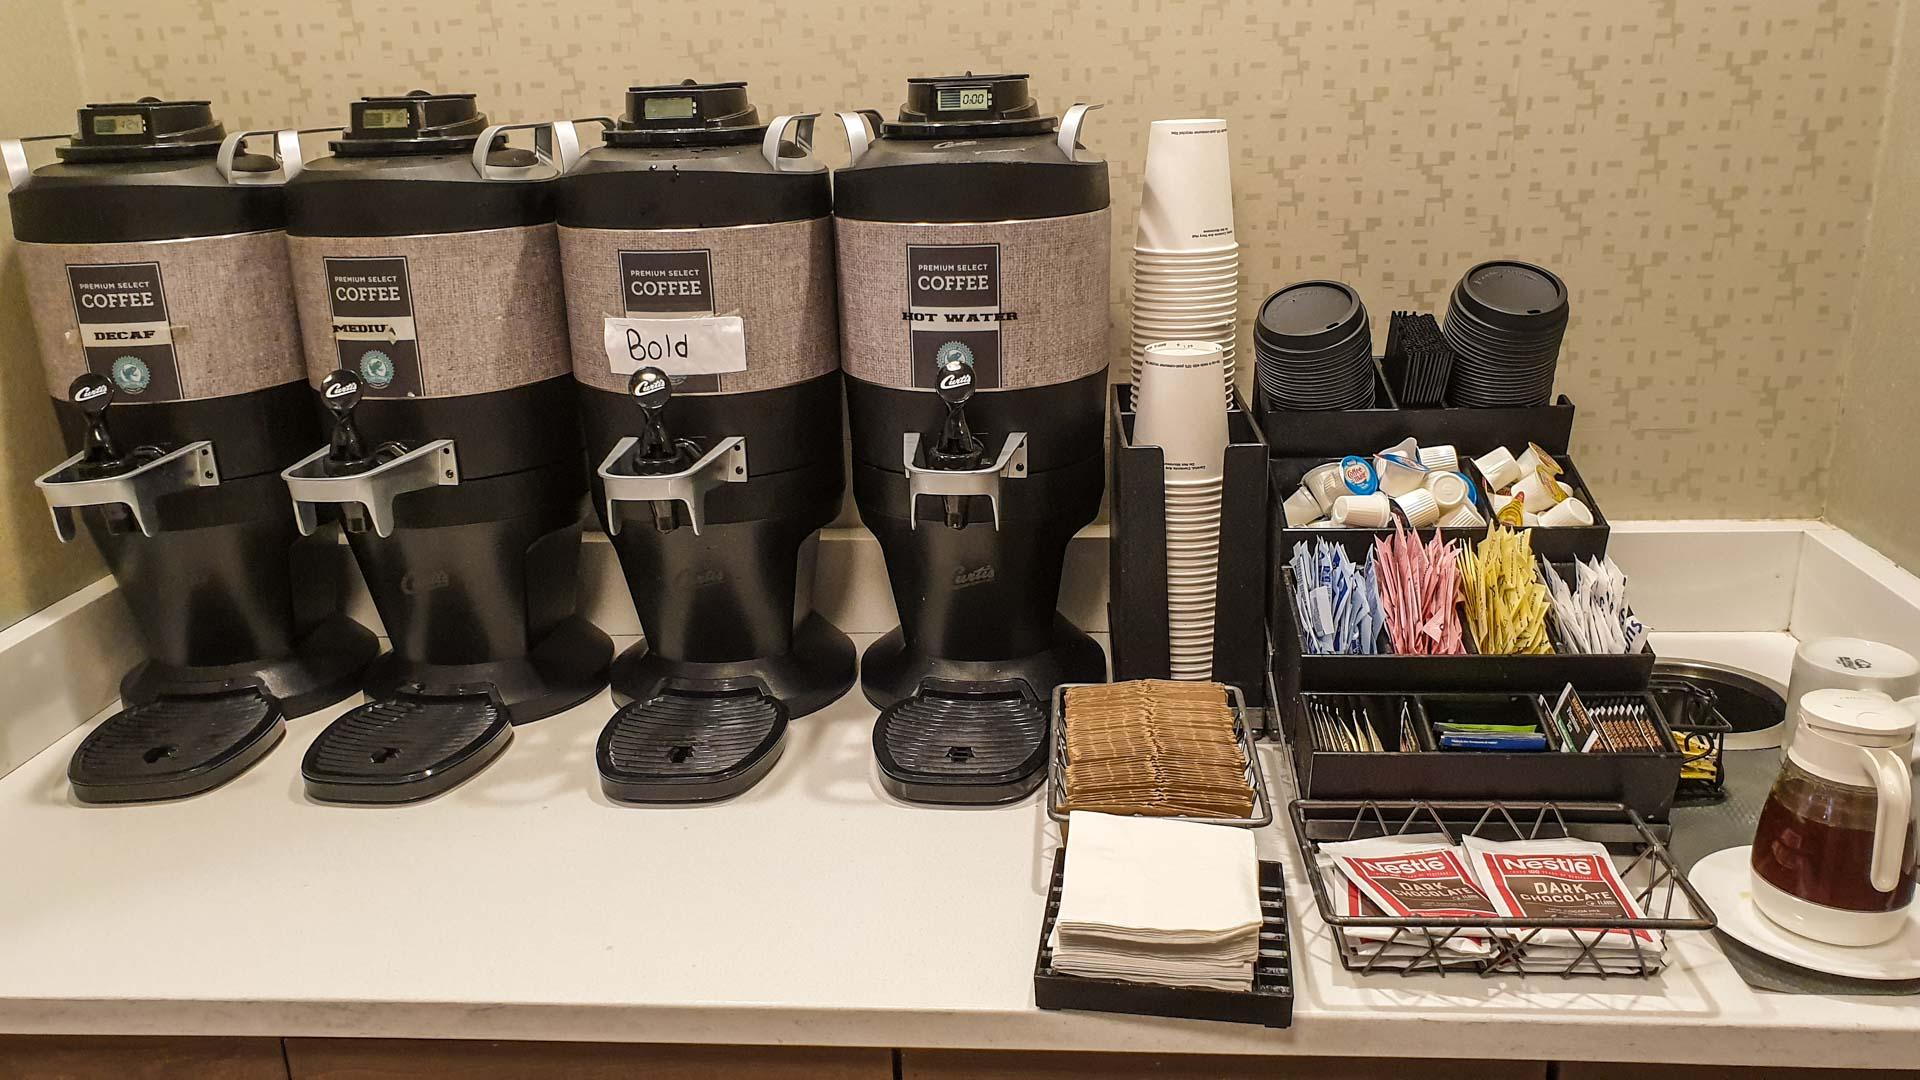 café, té e mel 24 horas no noso apartamento provisional en Milford